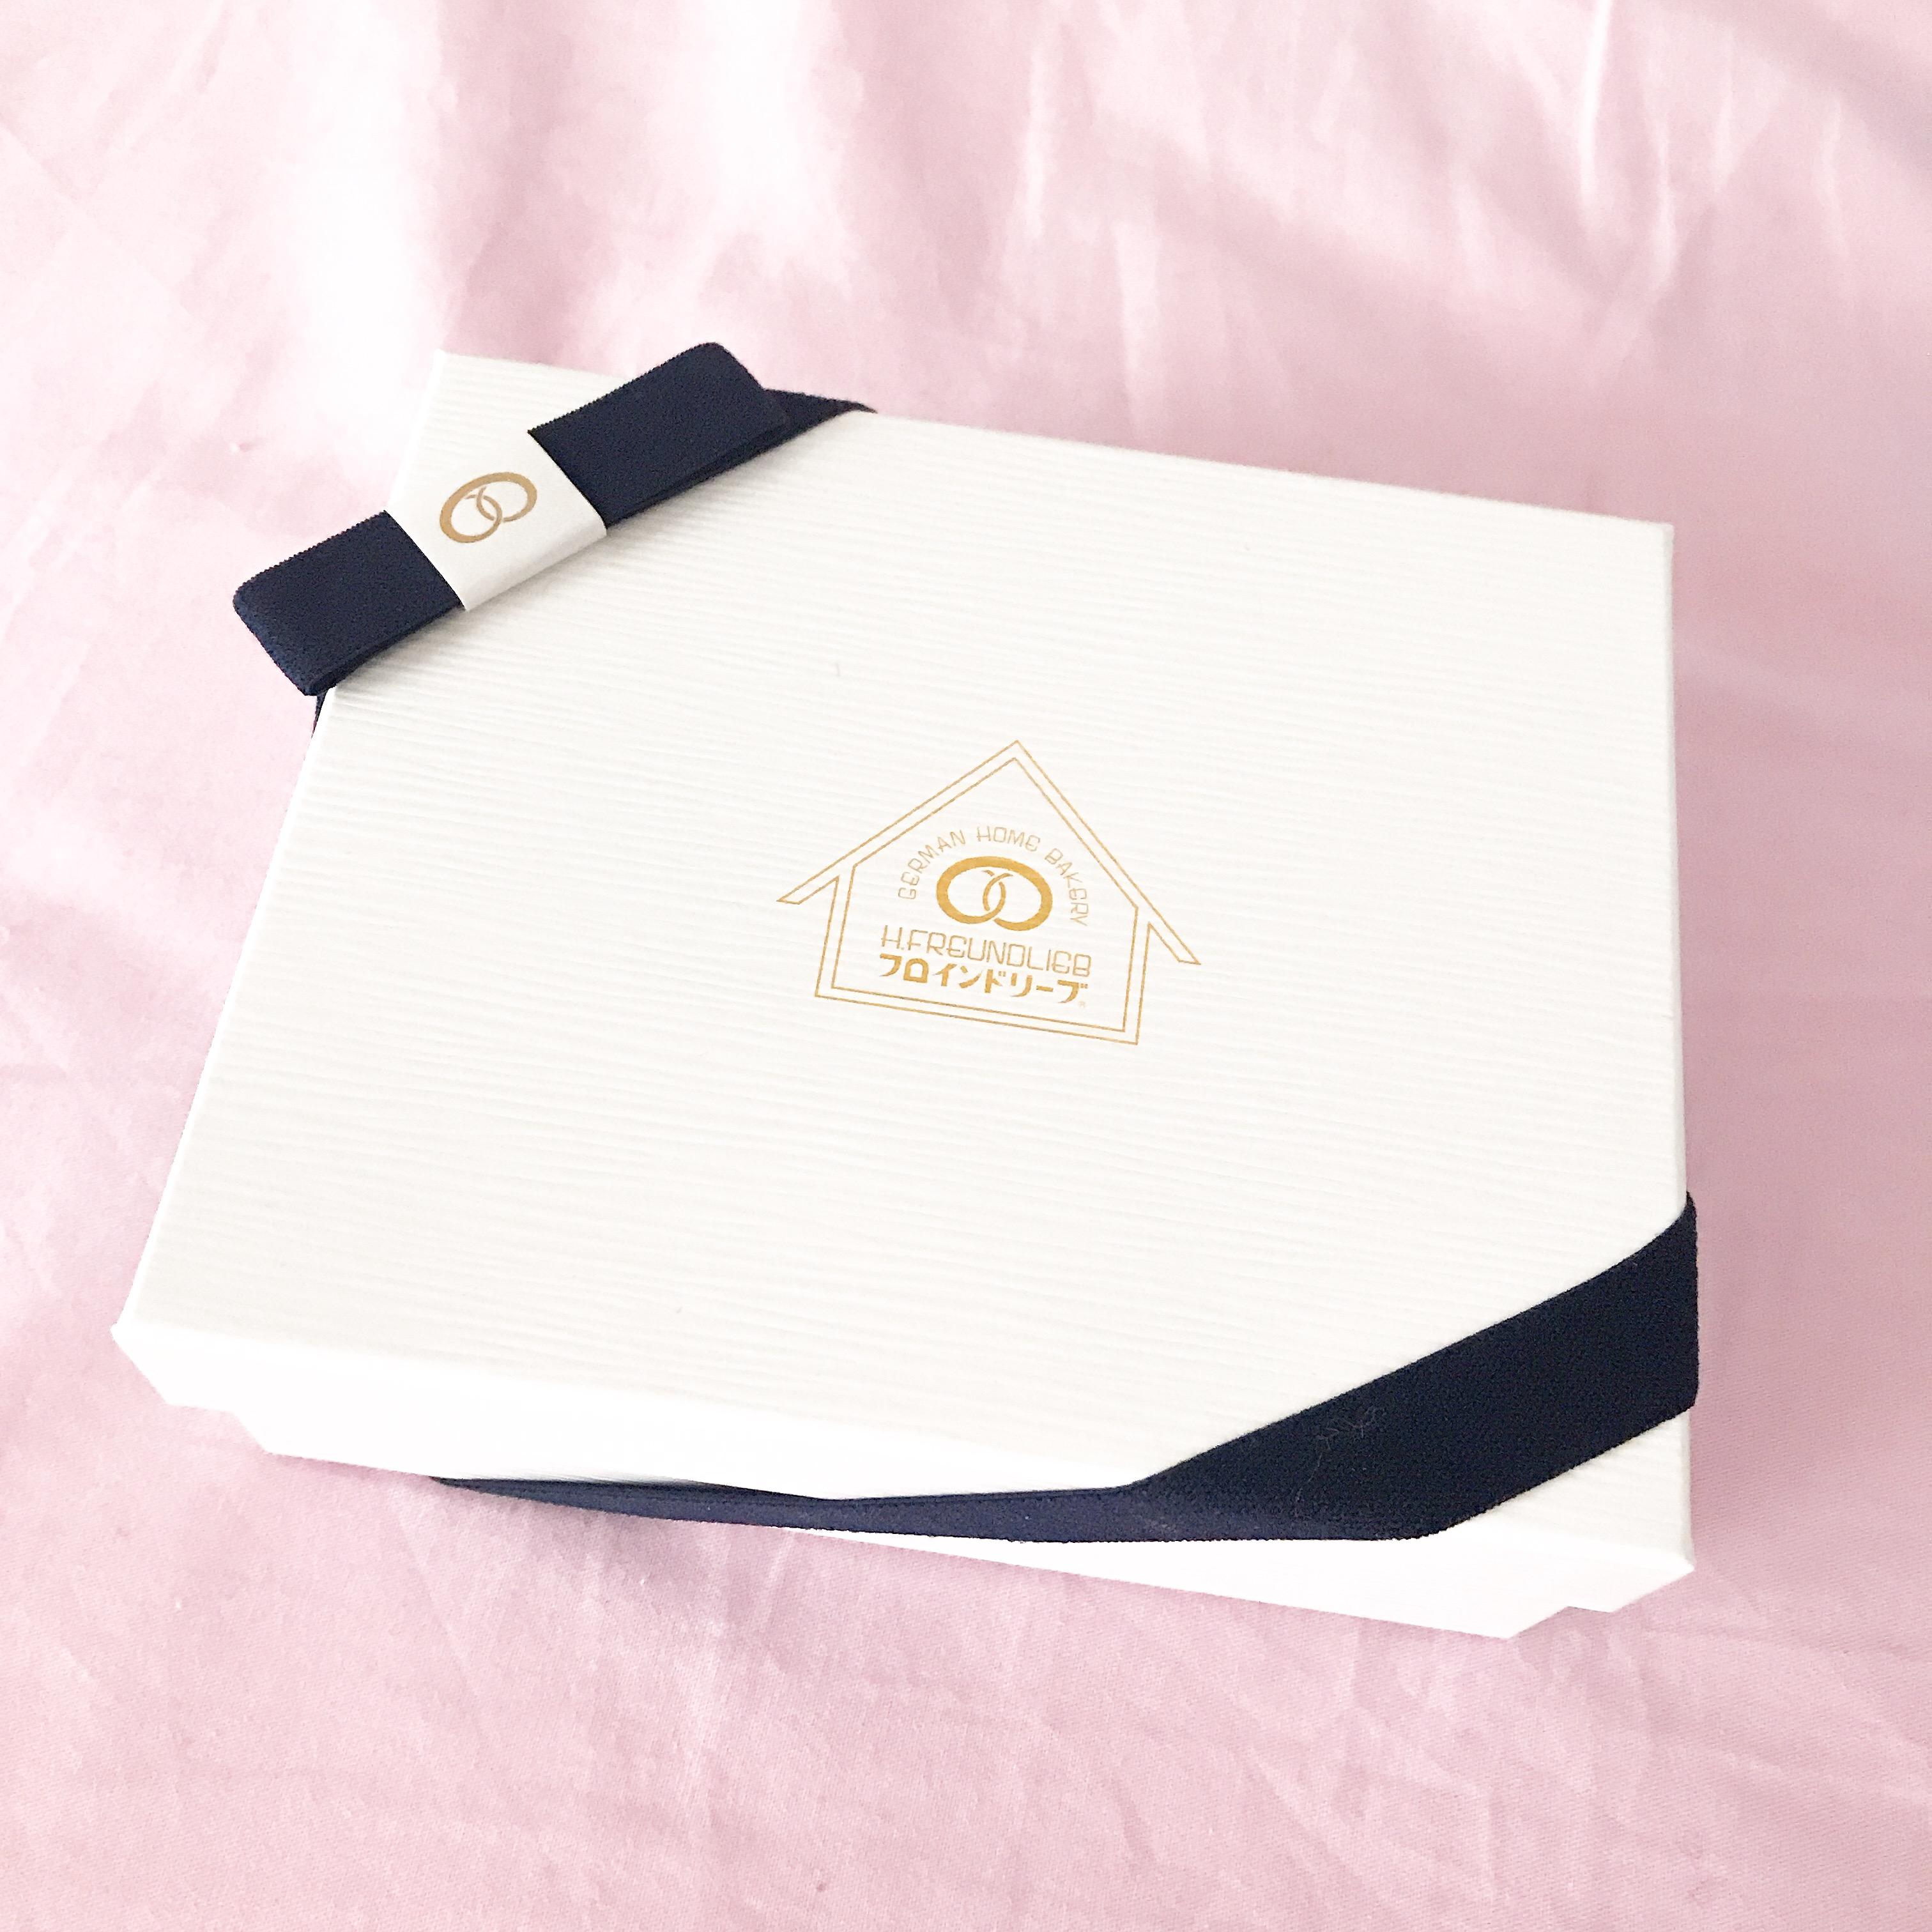 【神戸】貰ってかわいい開けてかわいい フロインドリーブのクッキー【お土産】_1